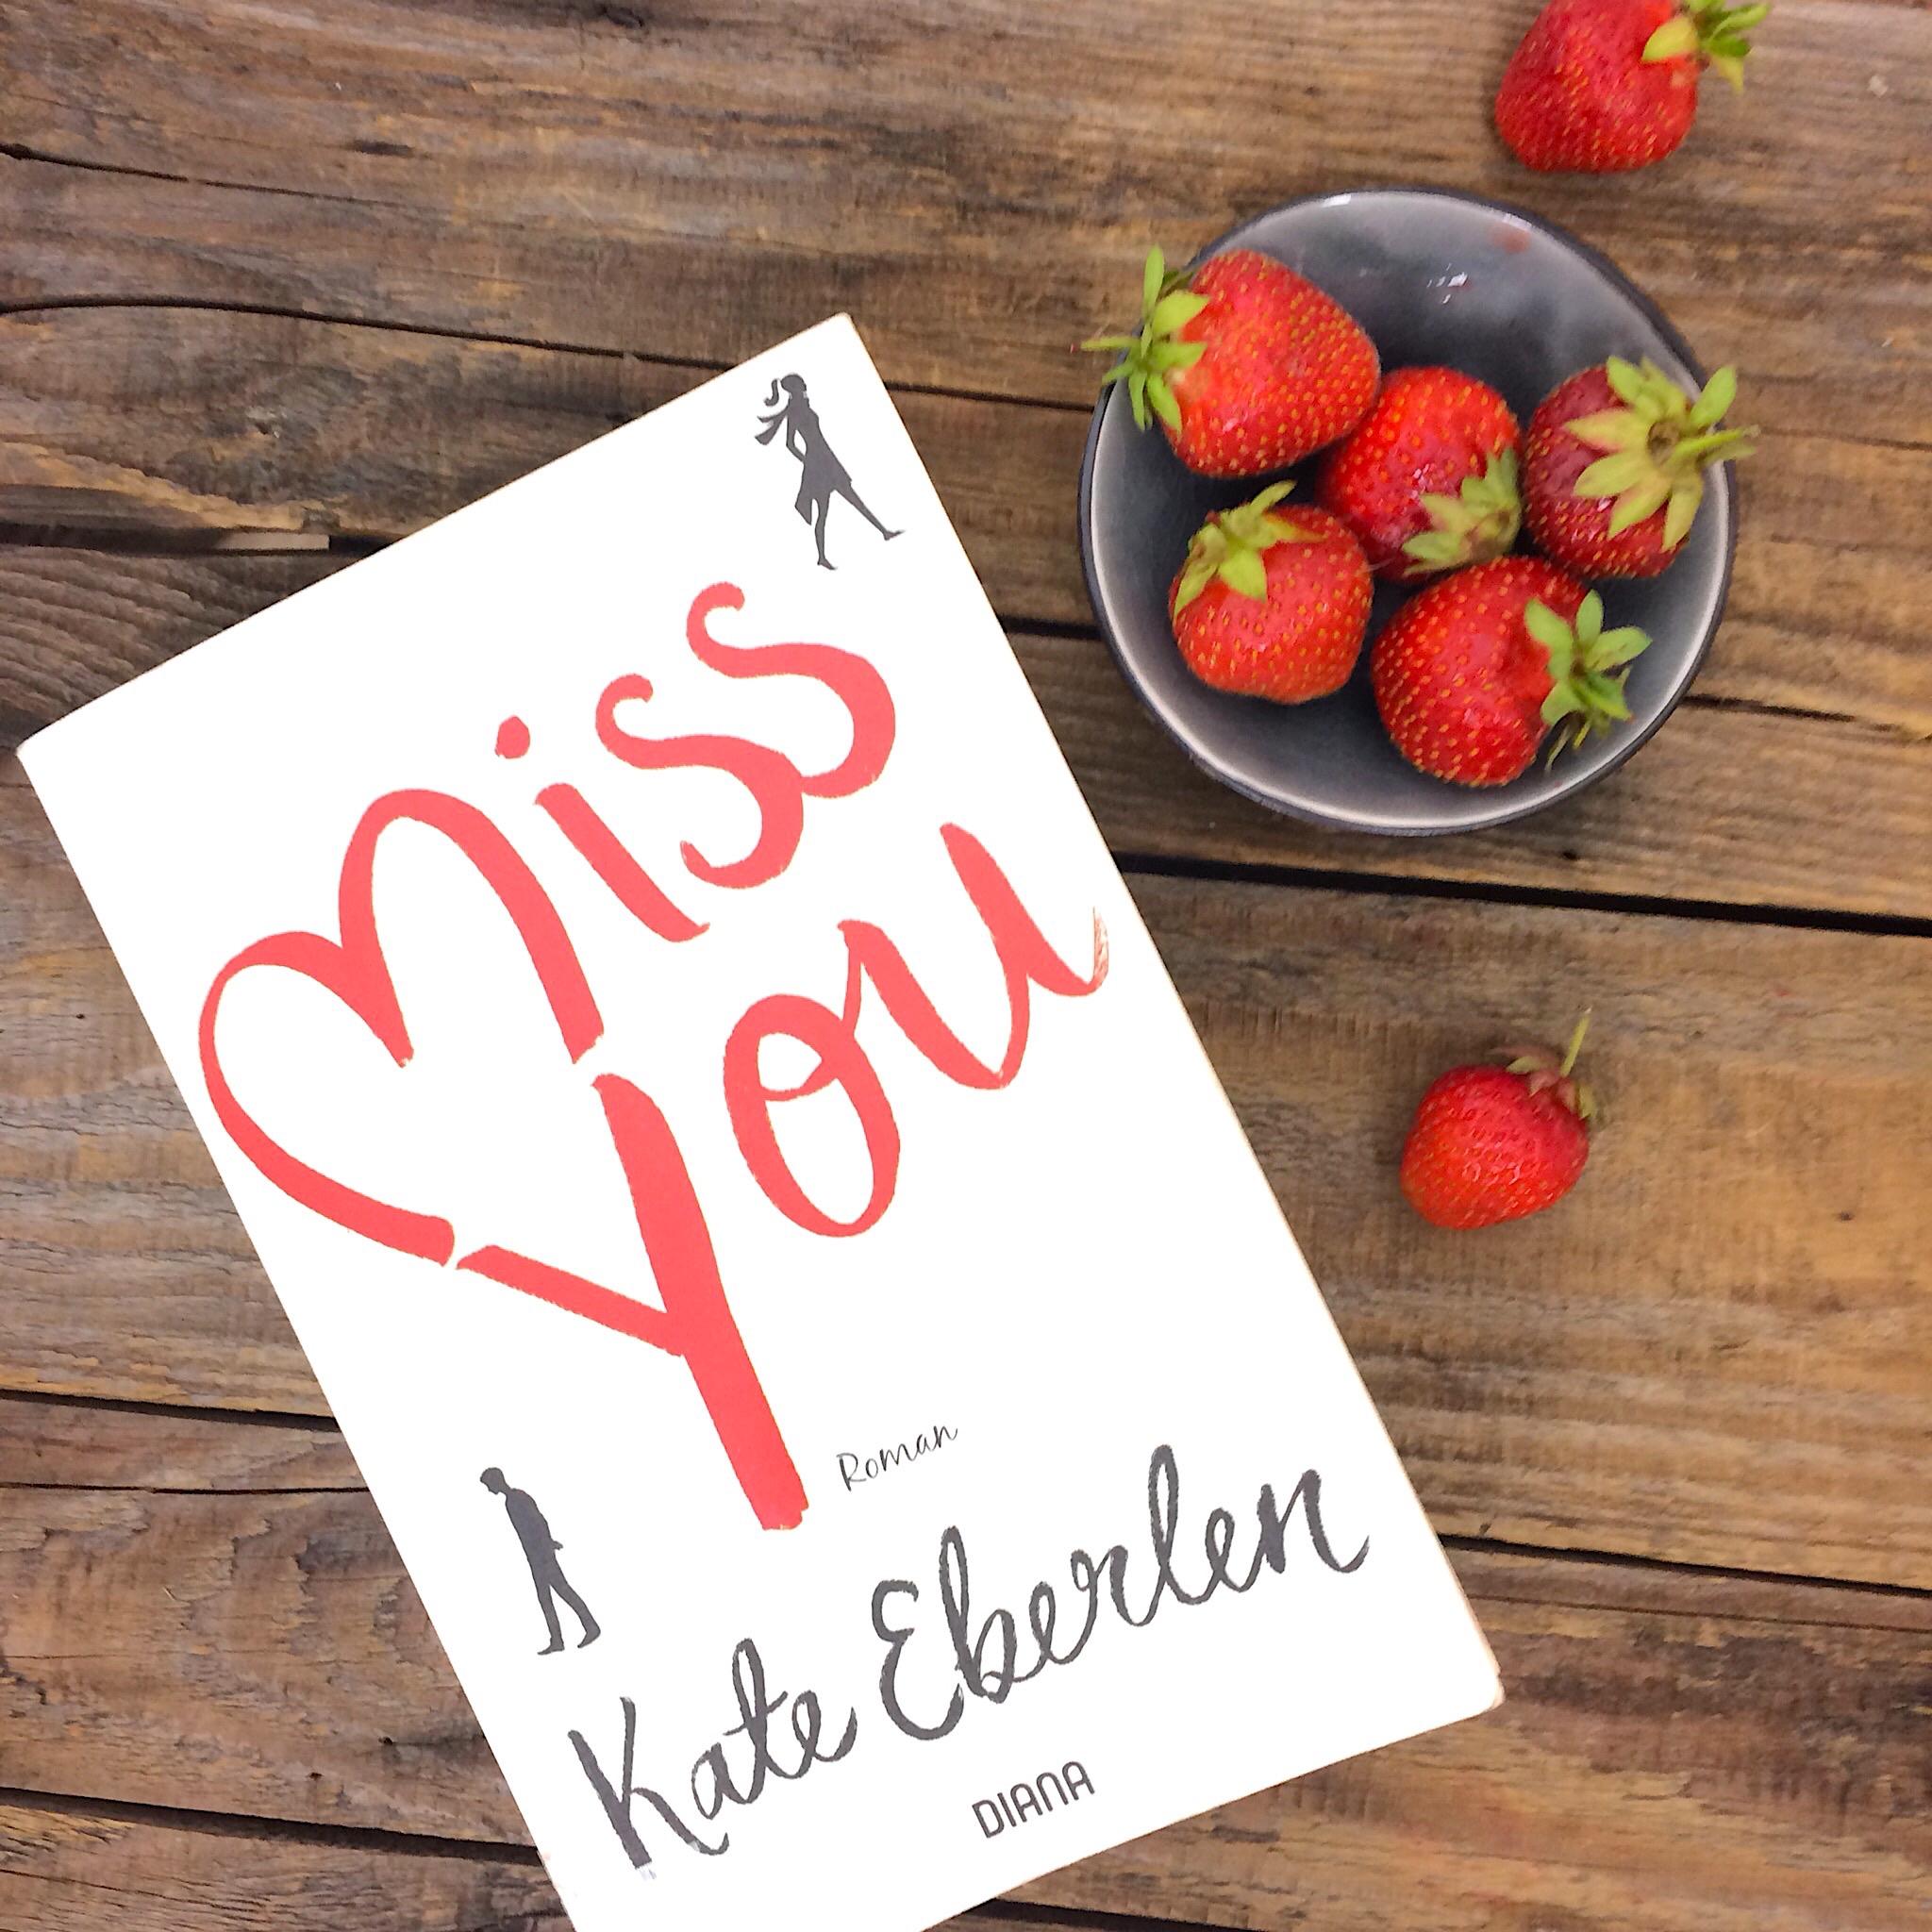 Miss You Kate Eberlen Buchempfehlung